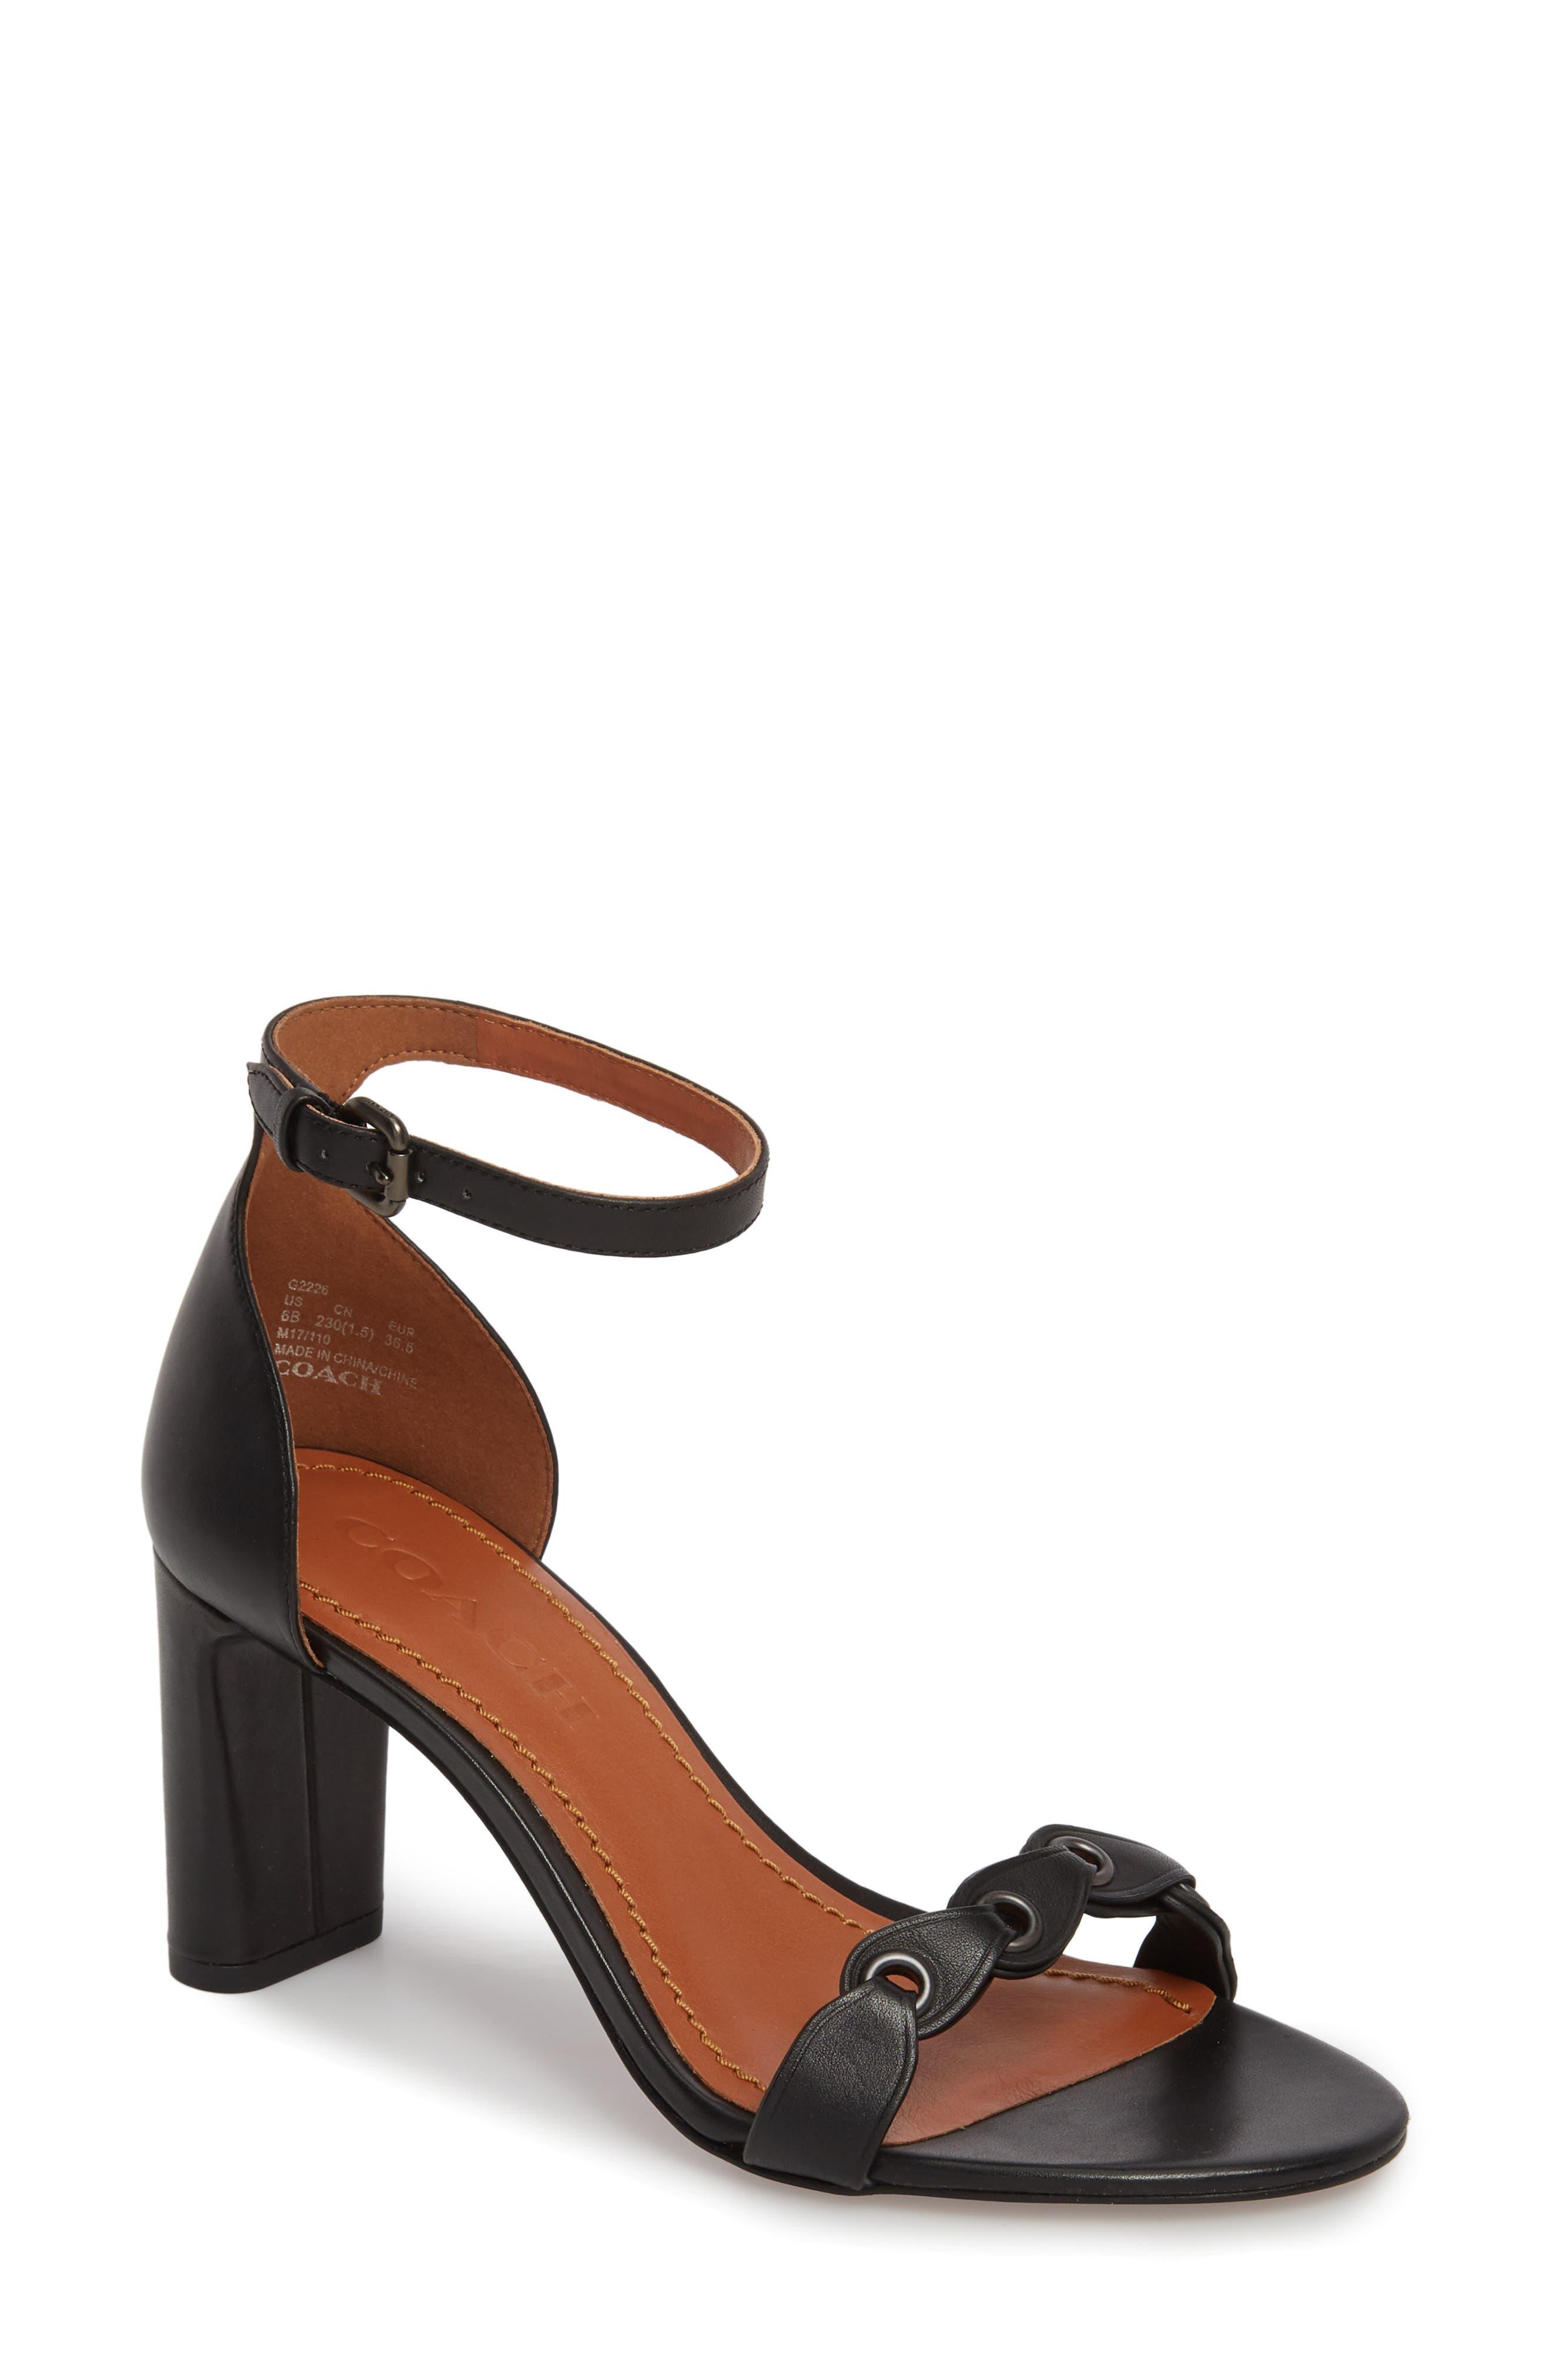 Link Ankle Strap Sandal,                         Main,                         color, Black Leather